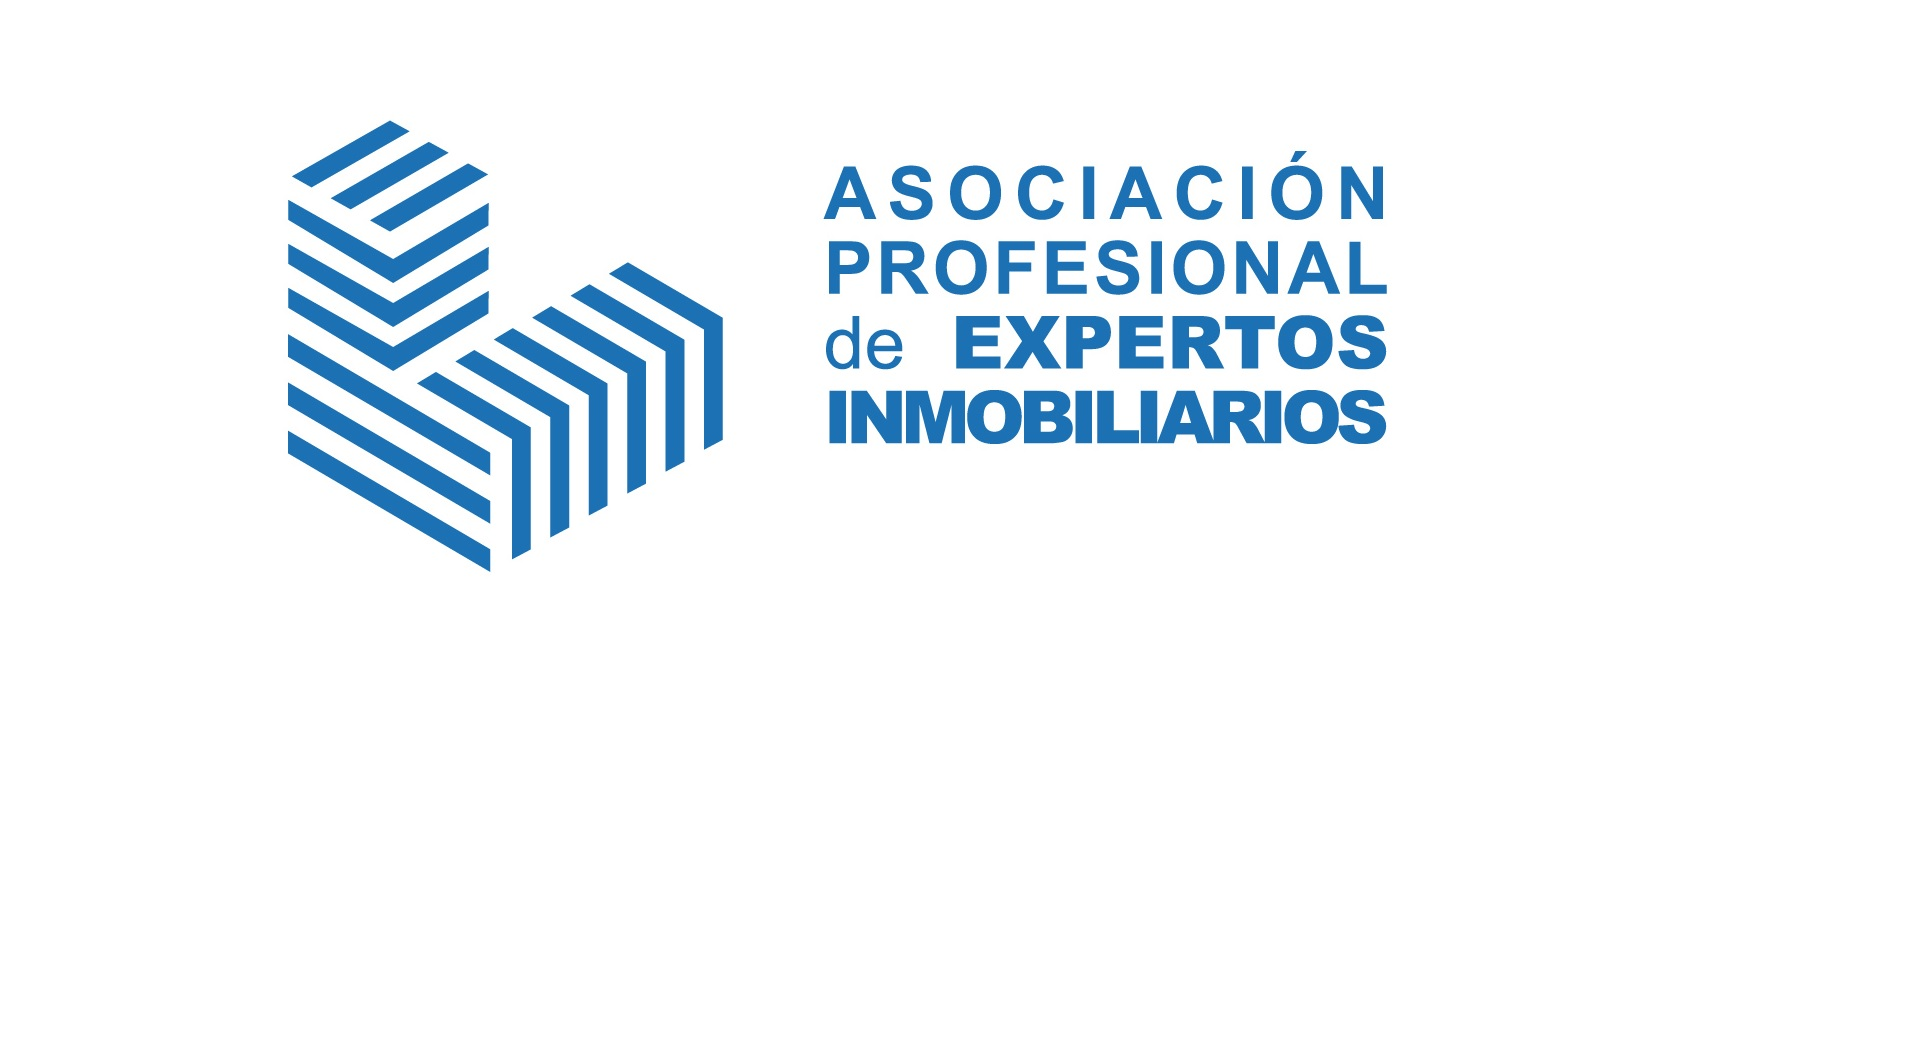 Asociacion Profesional Expertos Inmobiliarios